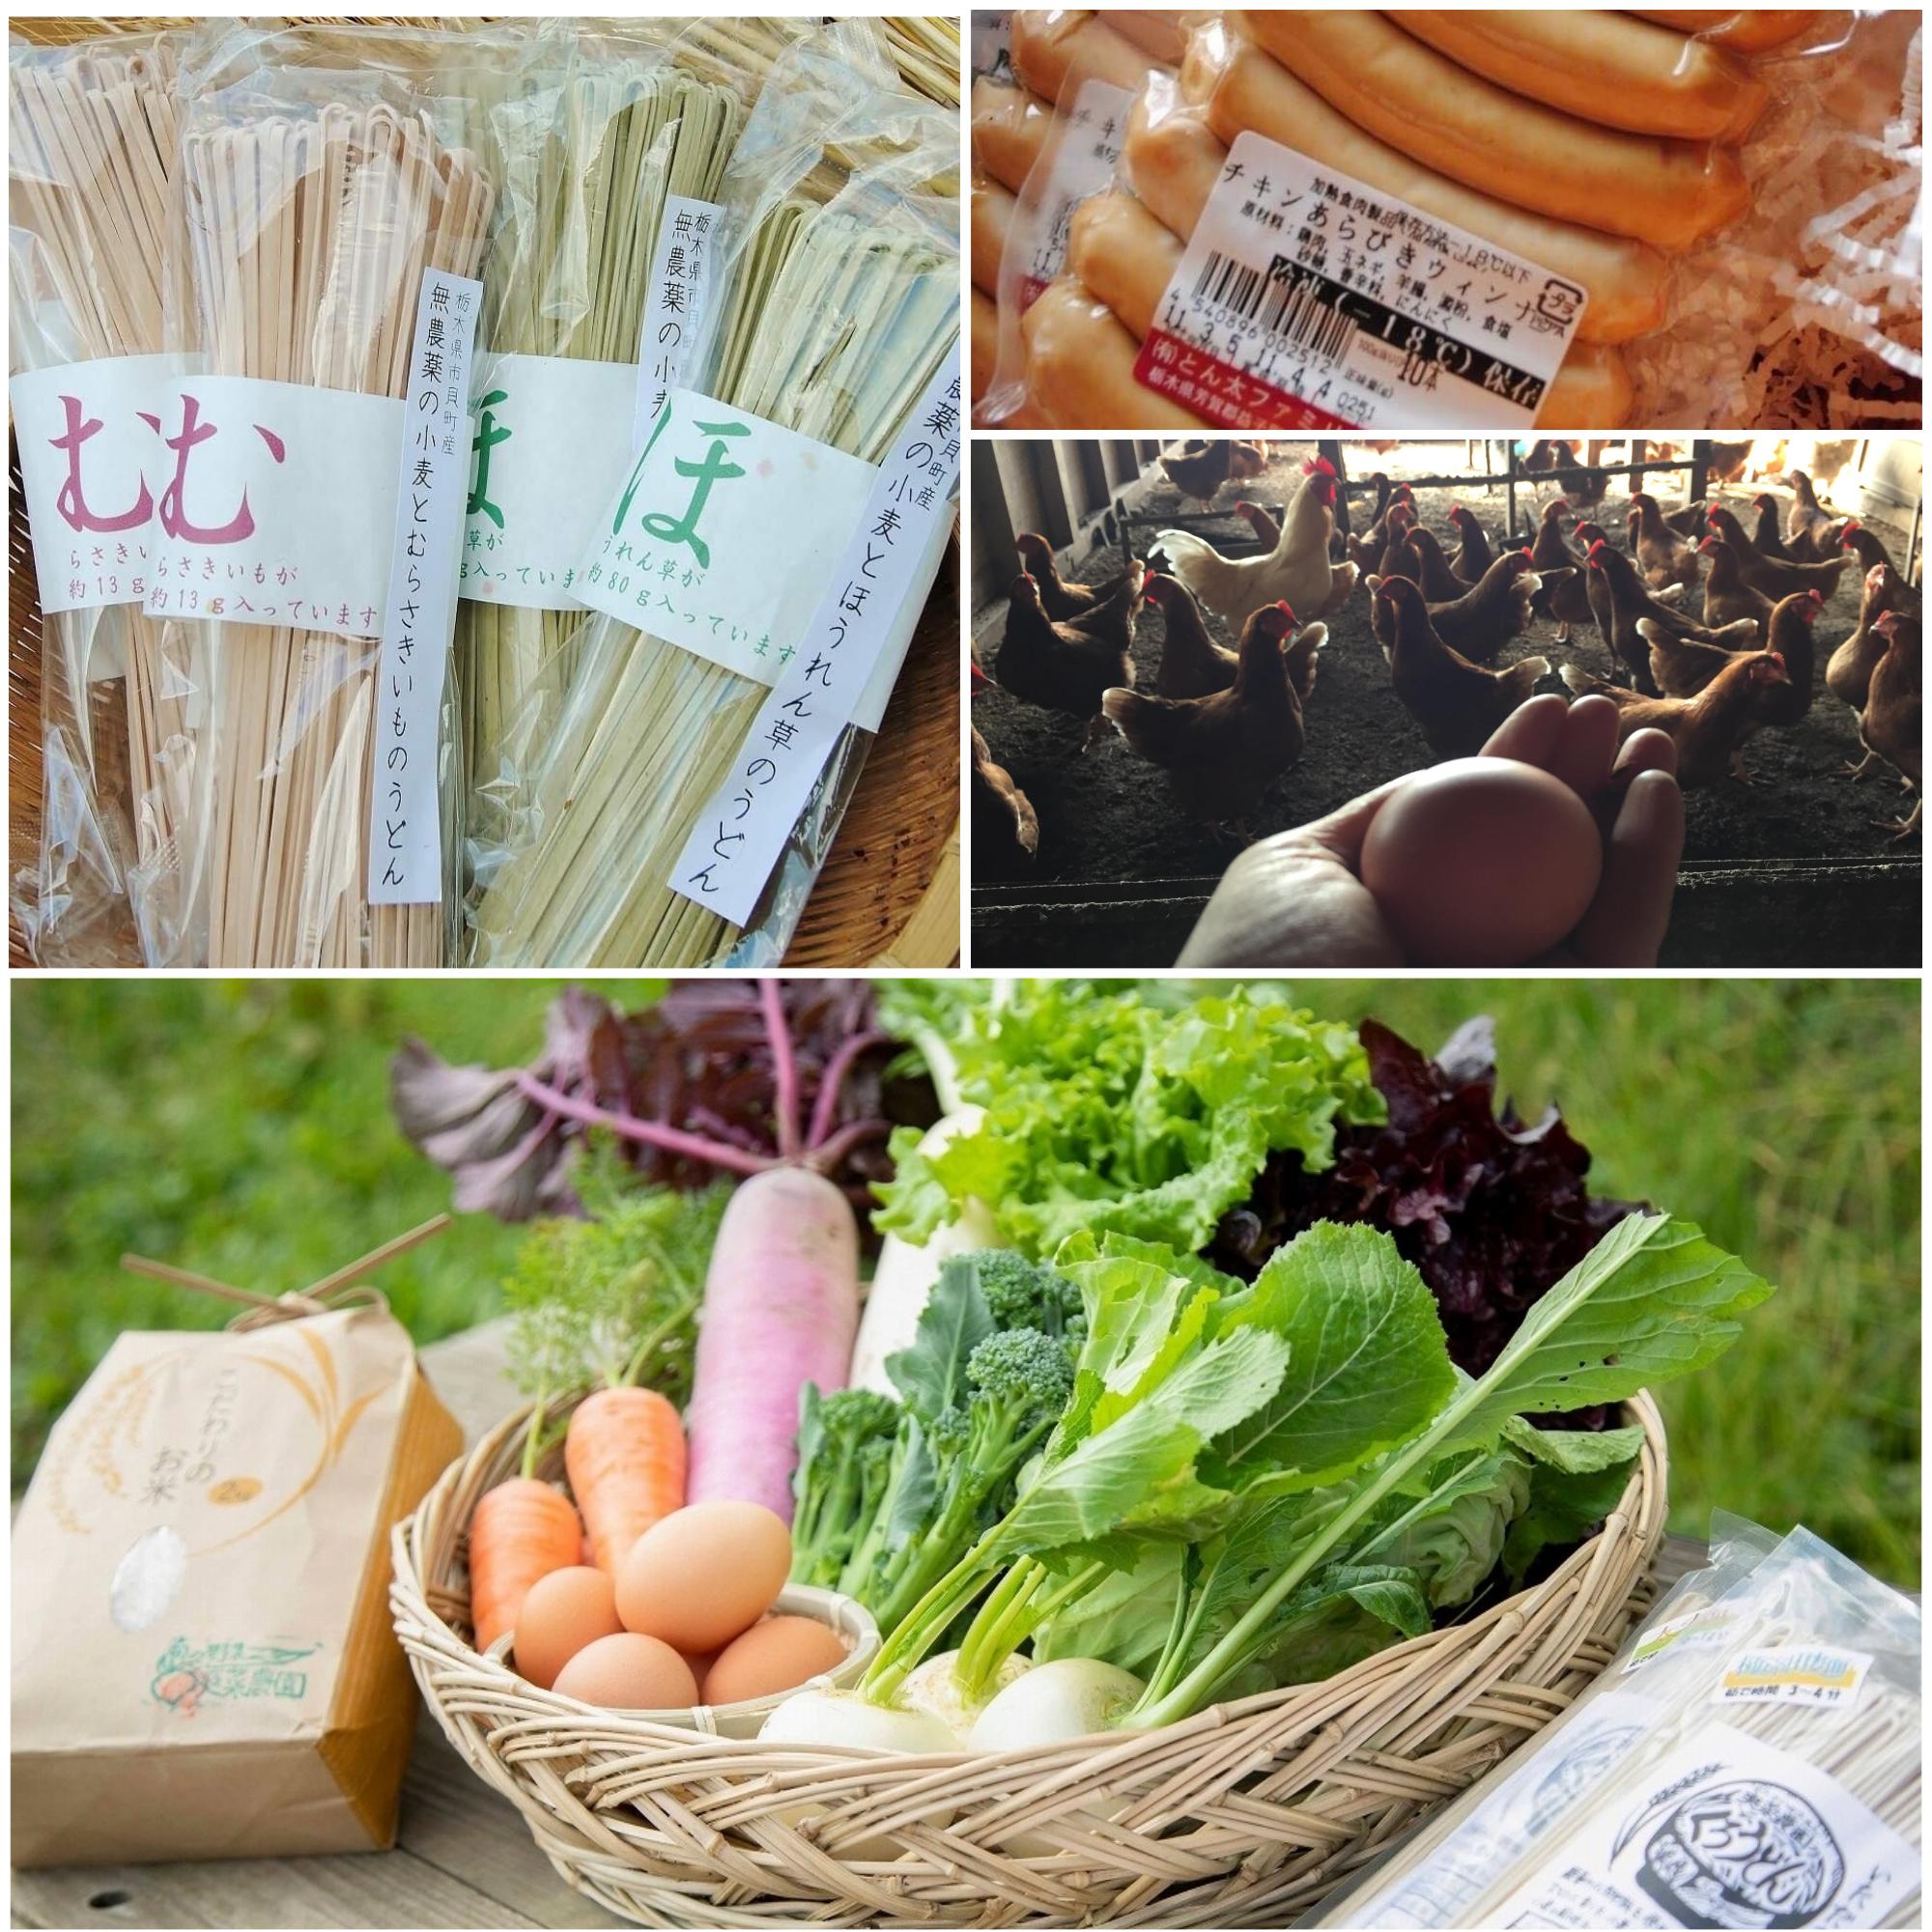 爽菜農園のニューフェイス 「むらさき色の野菜うどん」